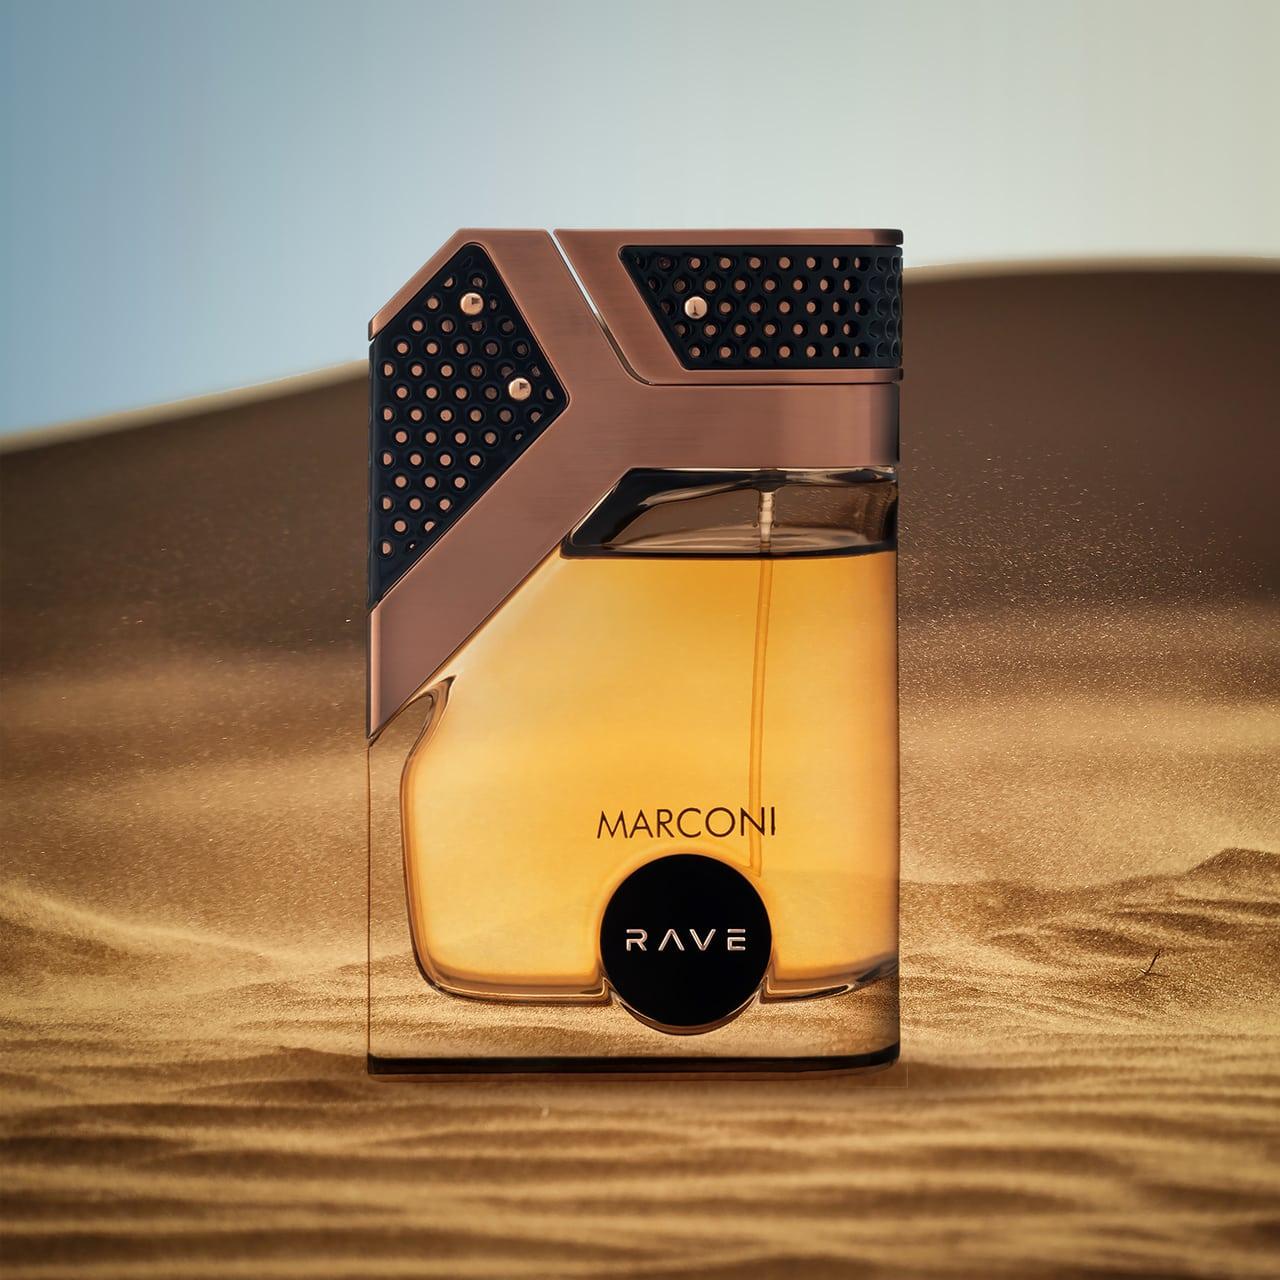 Fotografie de produs Marconi Rave Perfume